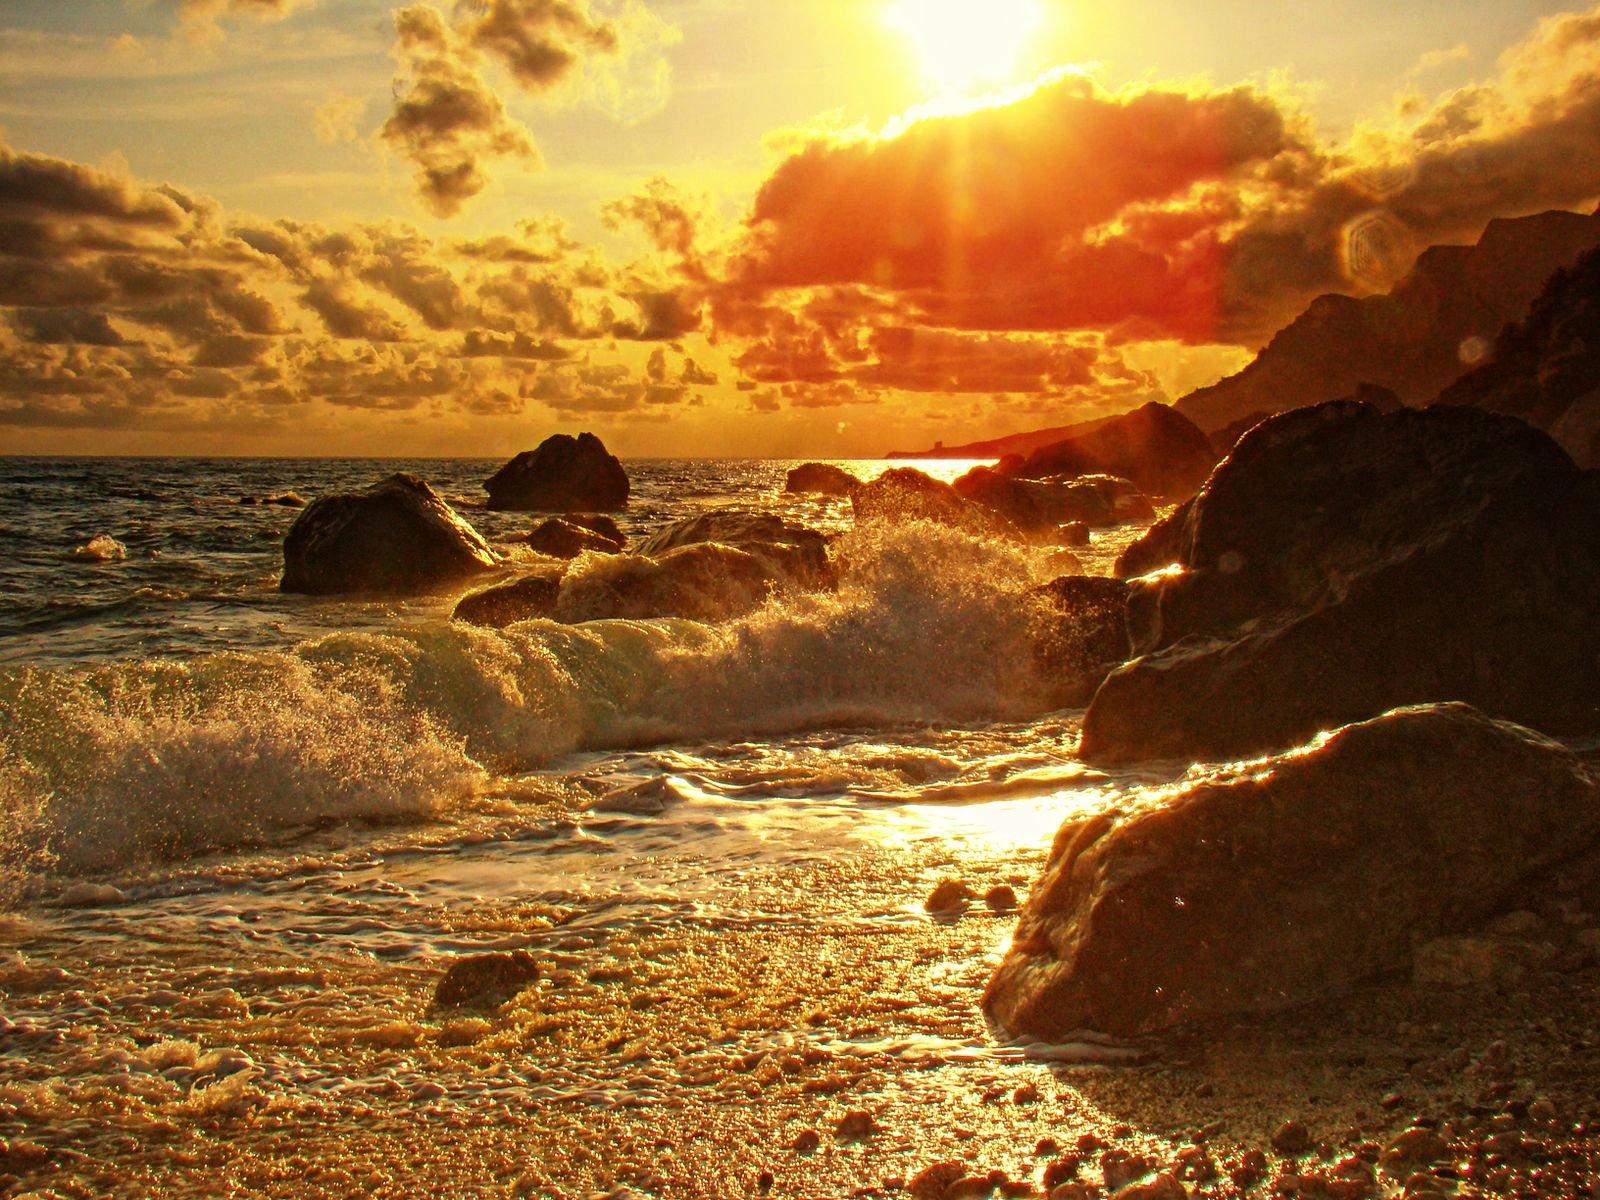 красивые картинки природа море прибой для каждого заказа